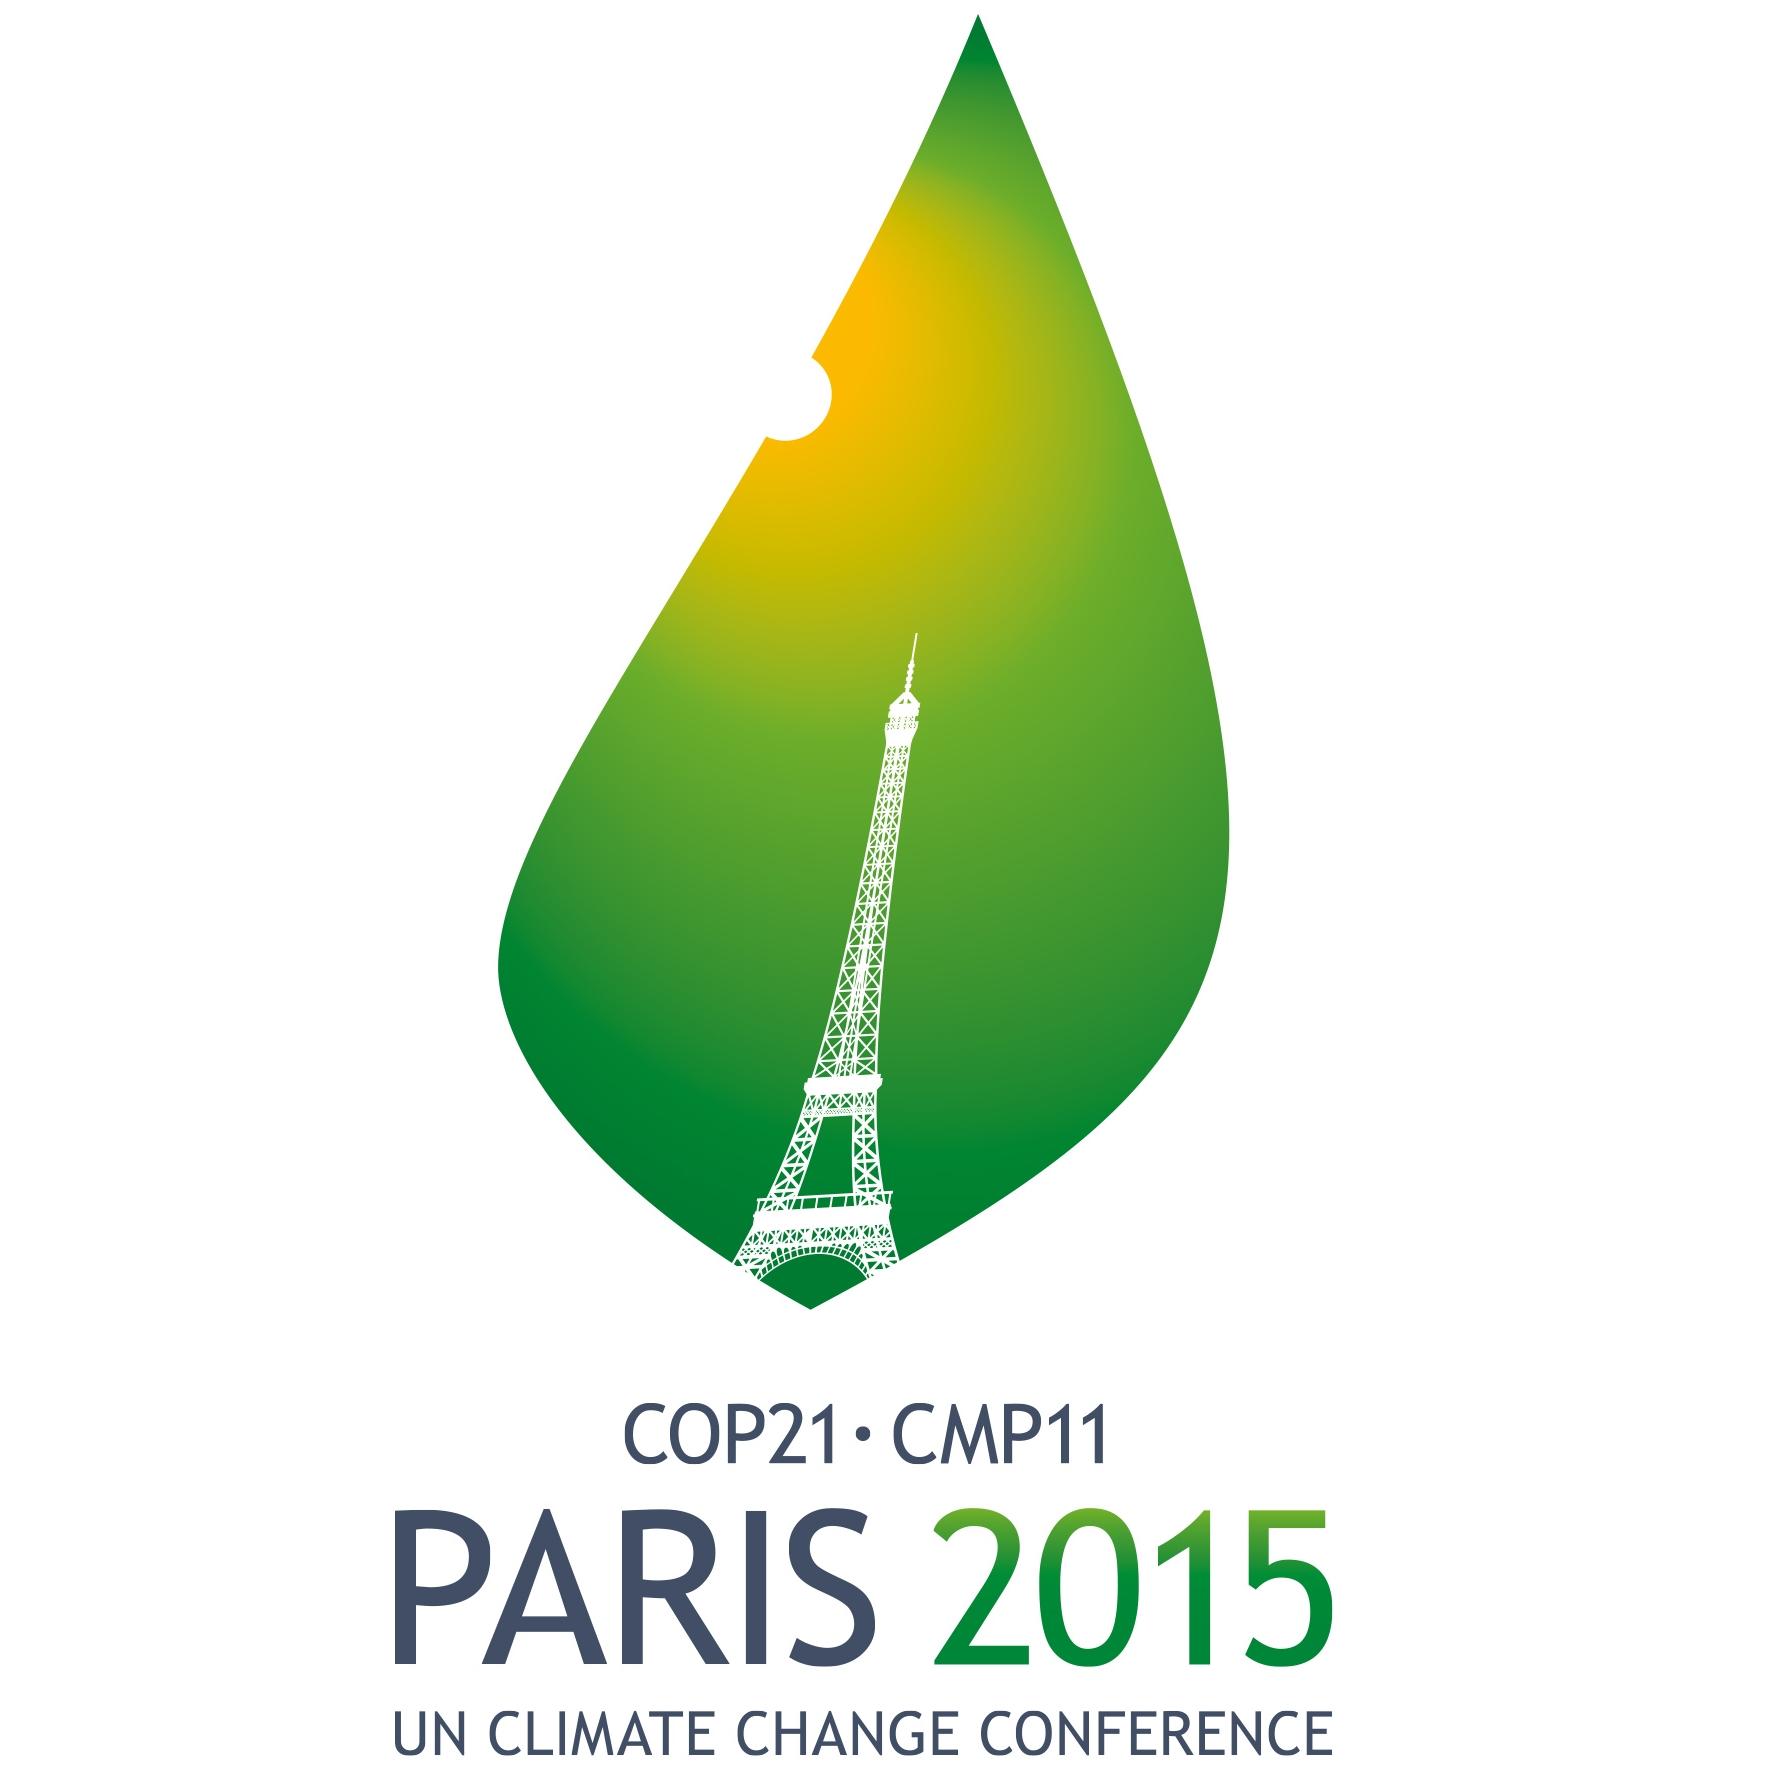 Logo della ventunesima edizione della Conferenza delle Parti della Convenzione quadro delle Nazioni Unite sui cambiamenti climatici